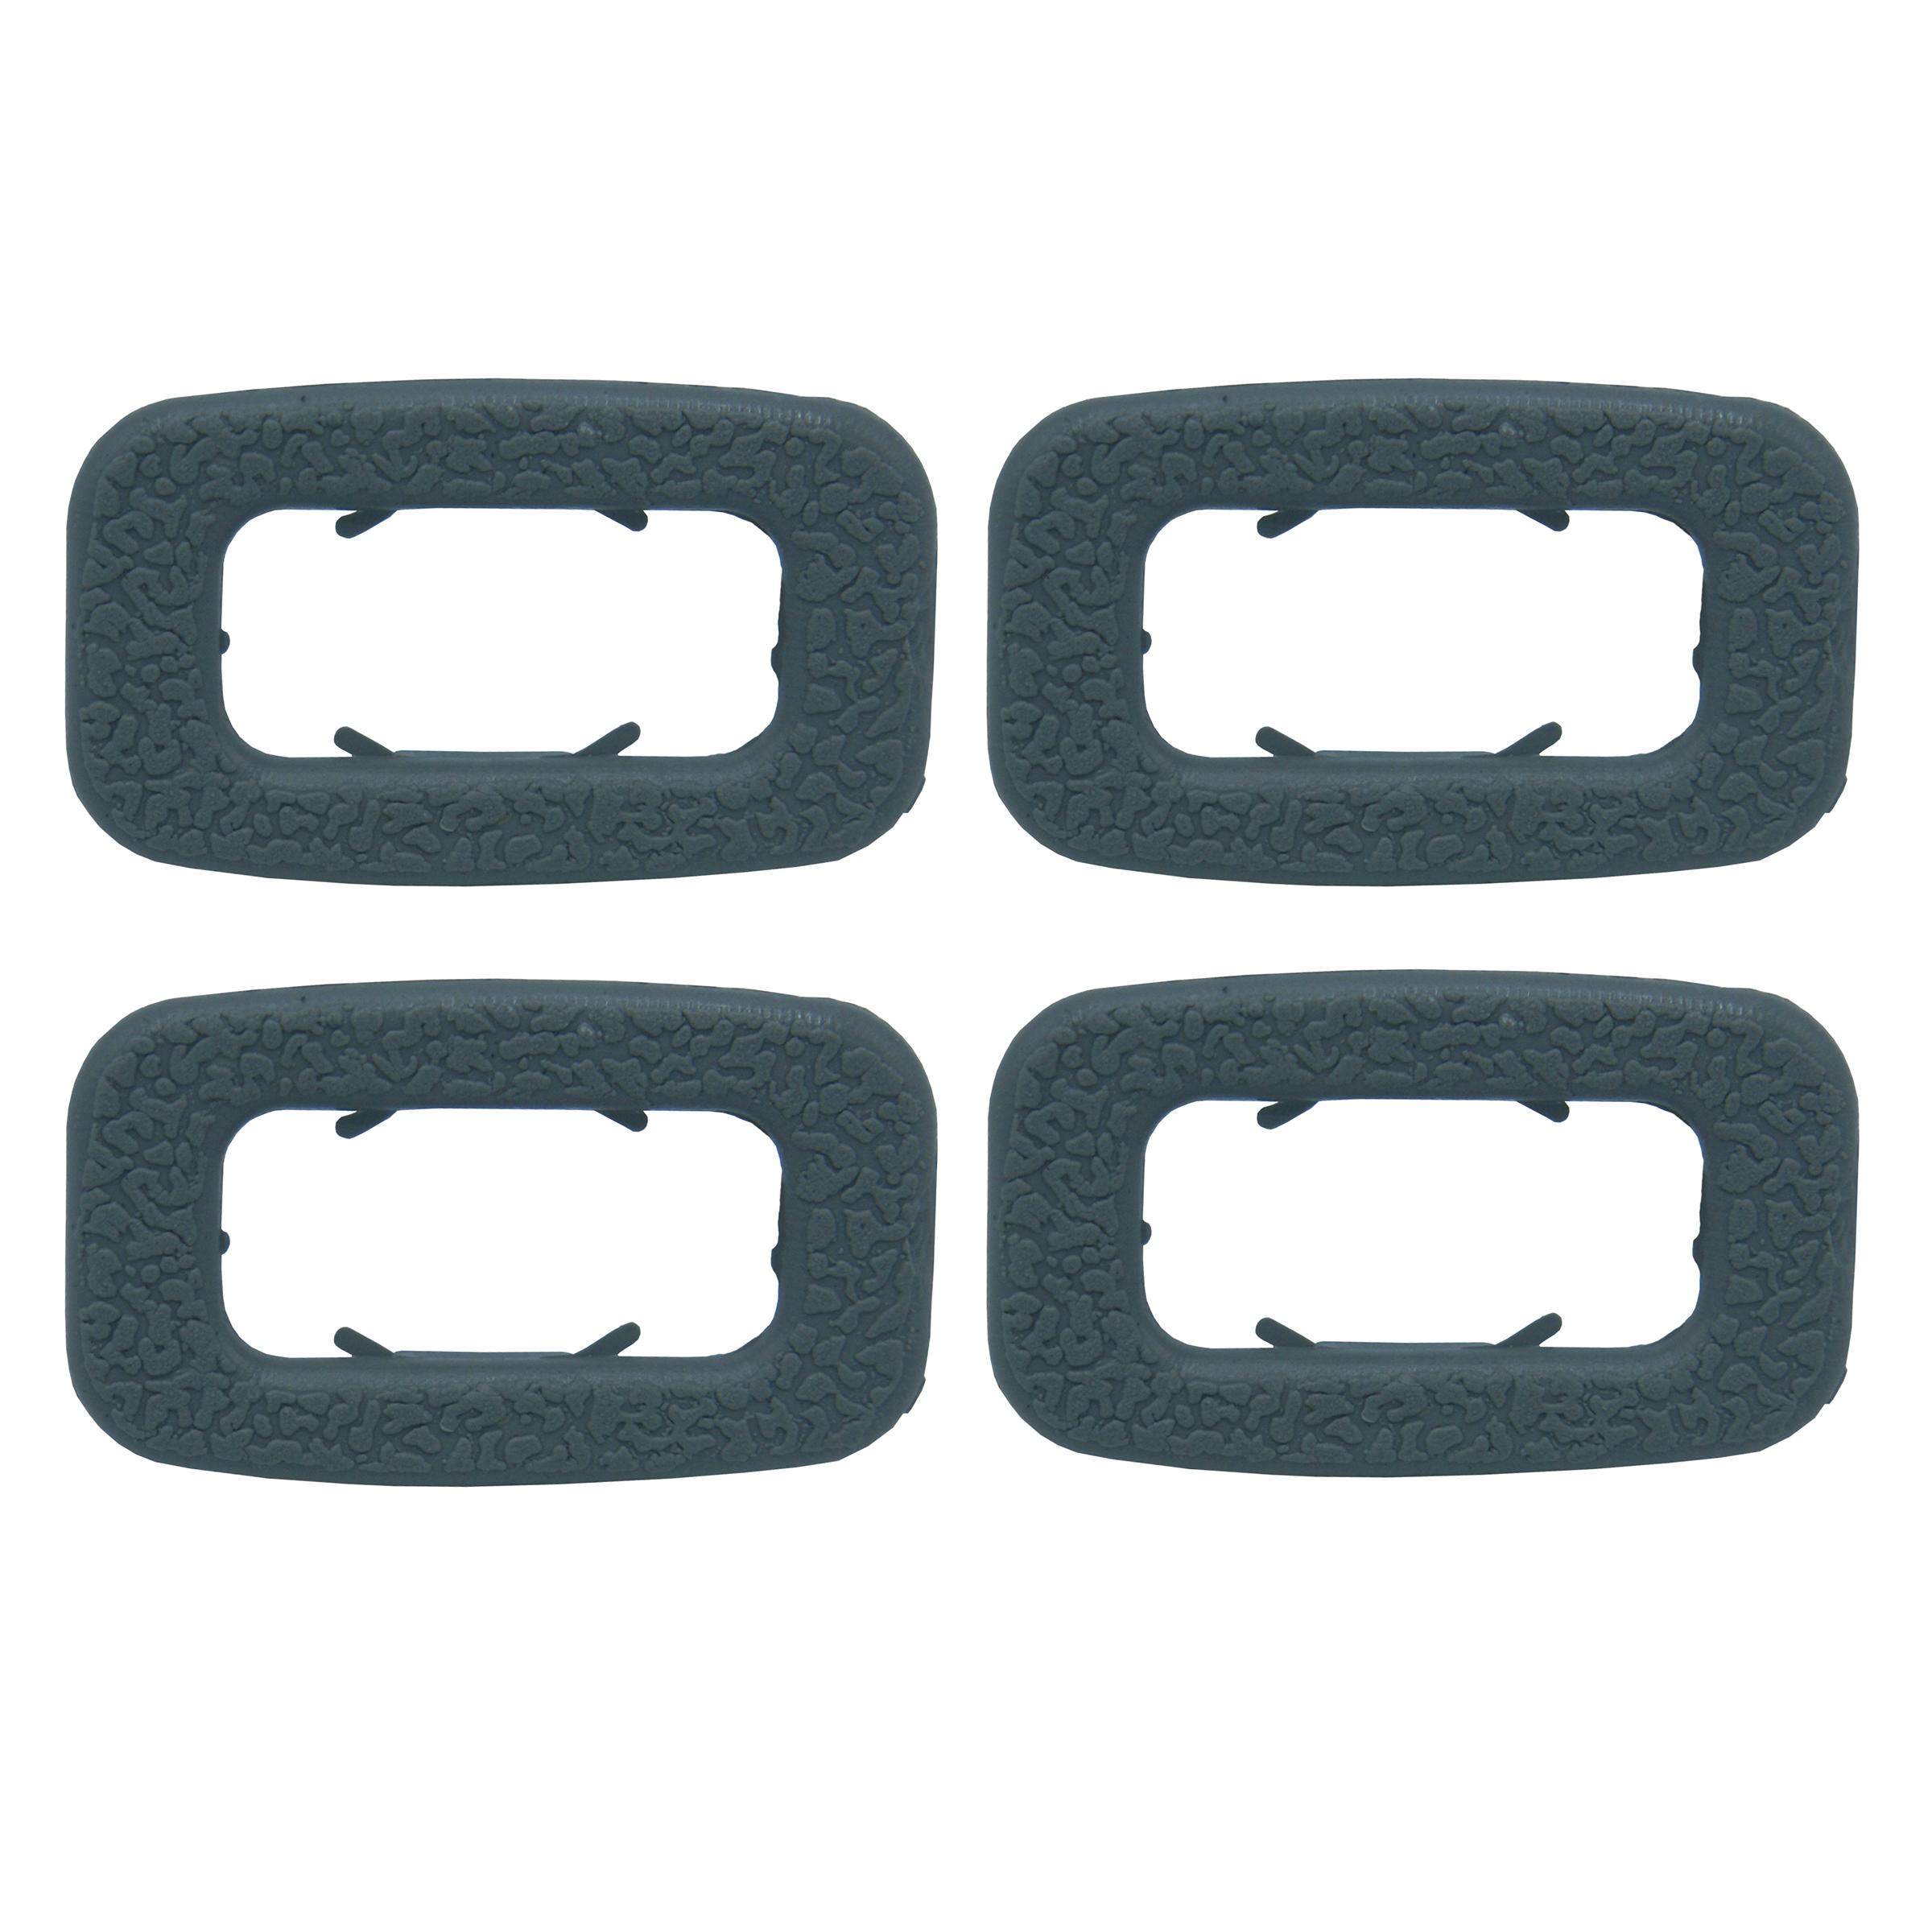 قاب قفل داخلی در خودرو مدل KH4 مناسب برای پراید بسته 4 عددی